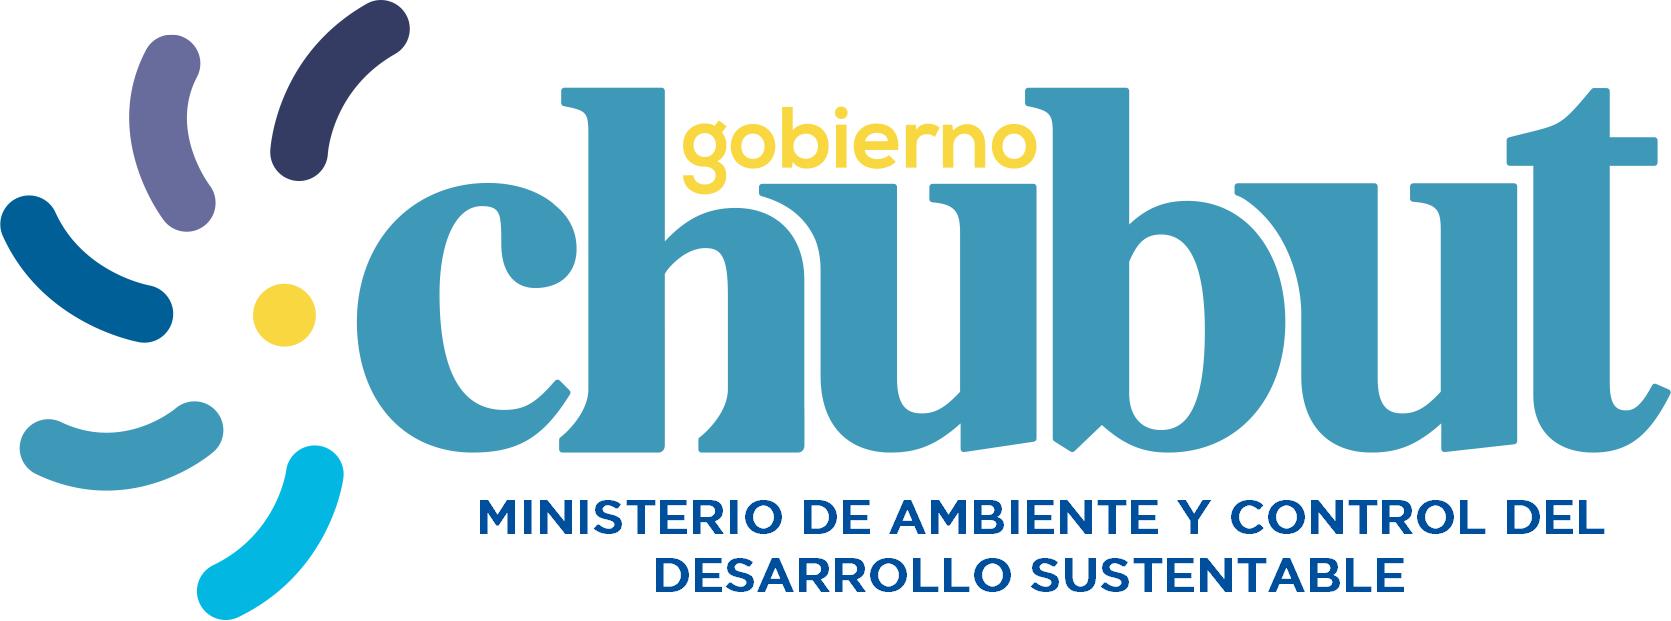 Ministerio de Ambiente y Control del Desarrollo Sustentable